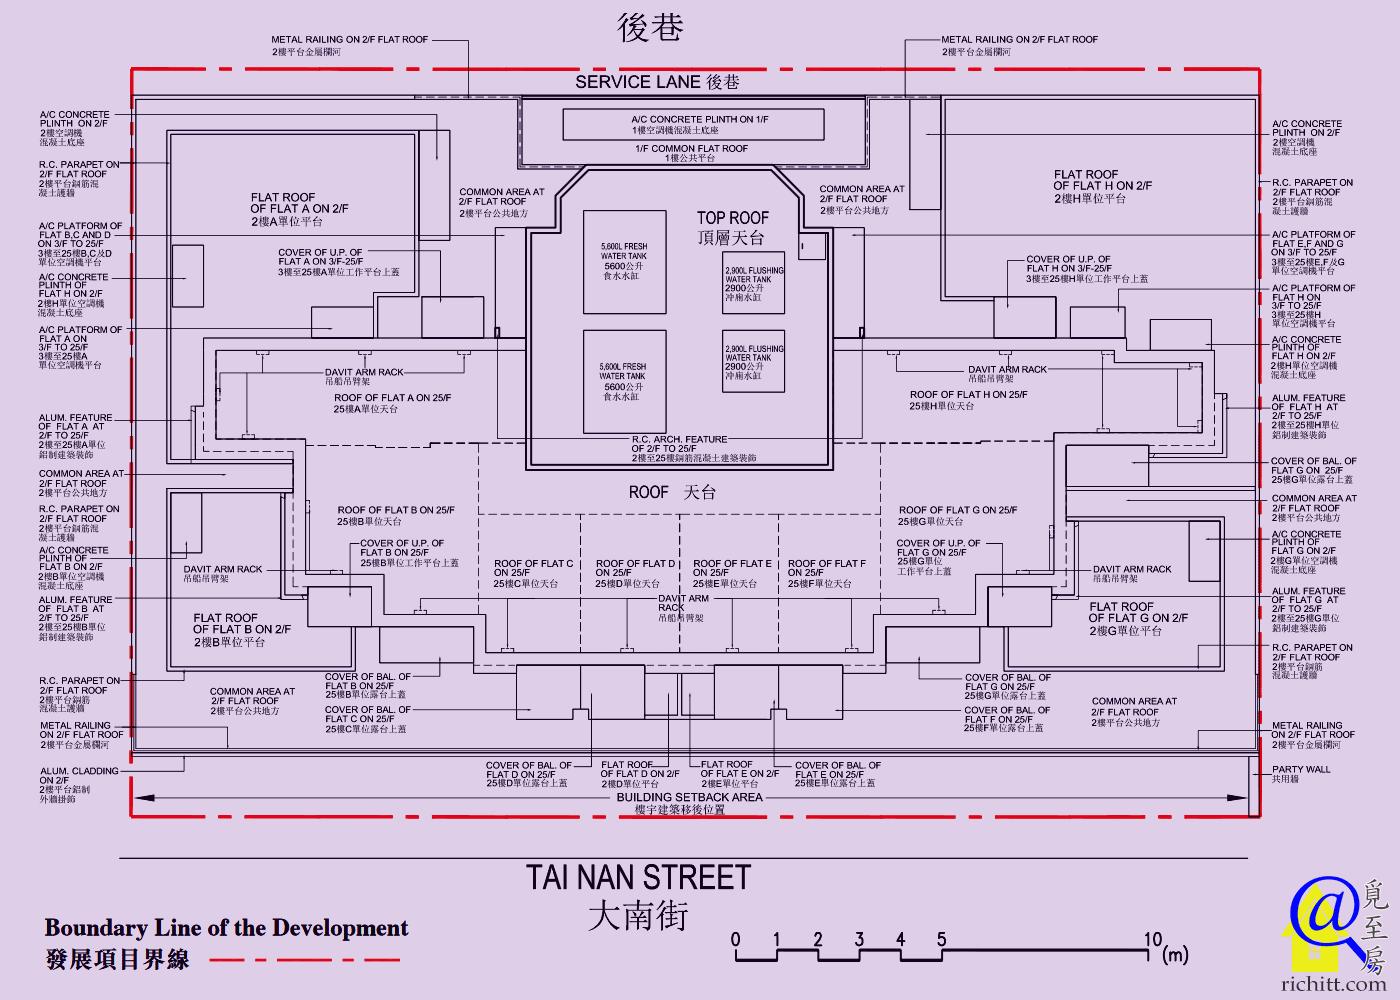 AVA 228佈局圖